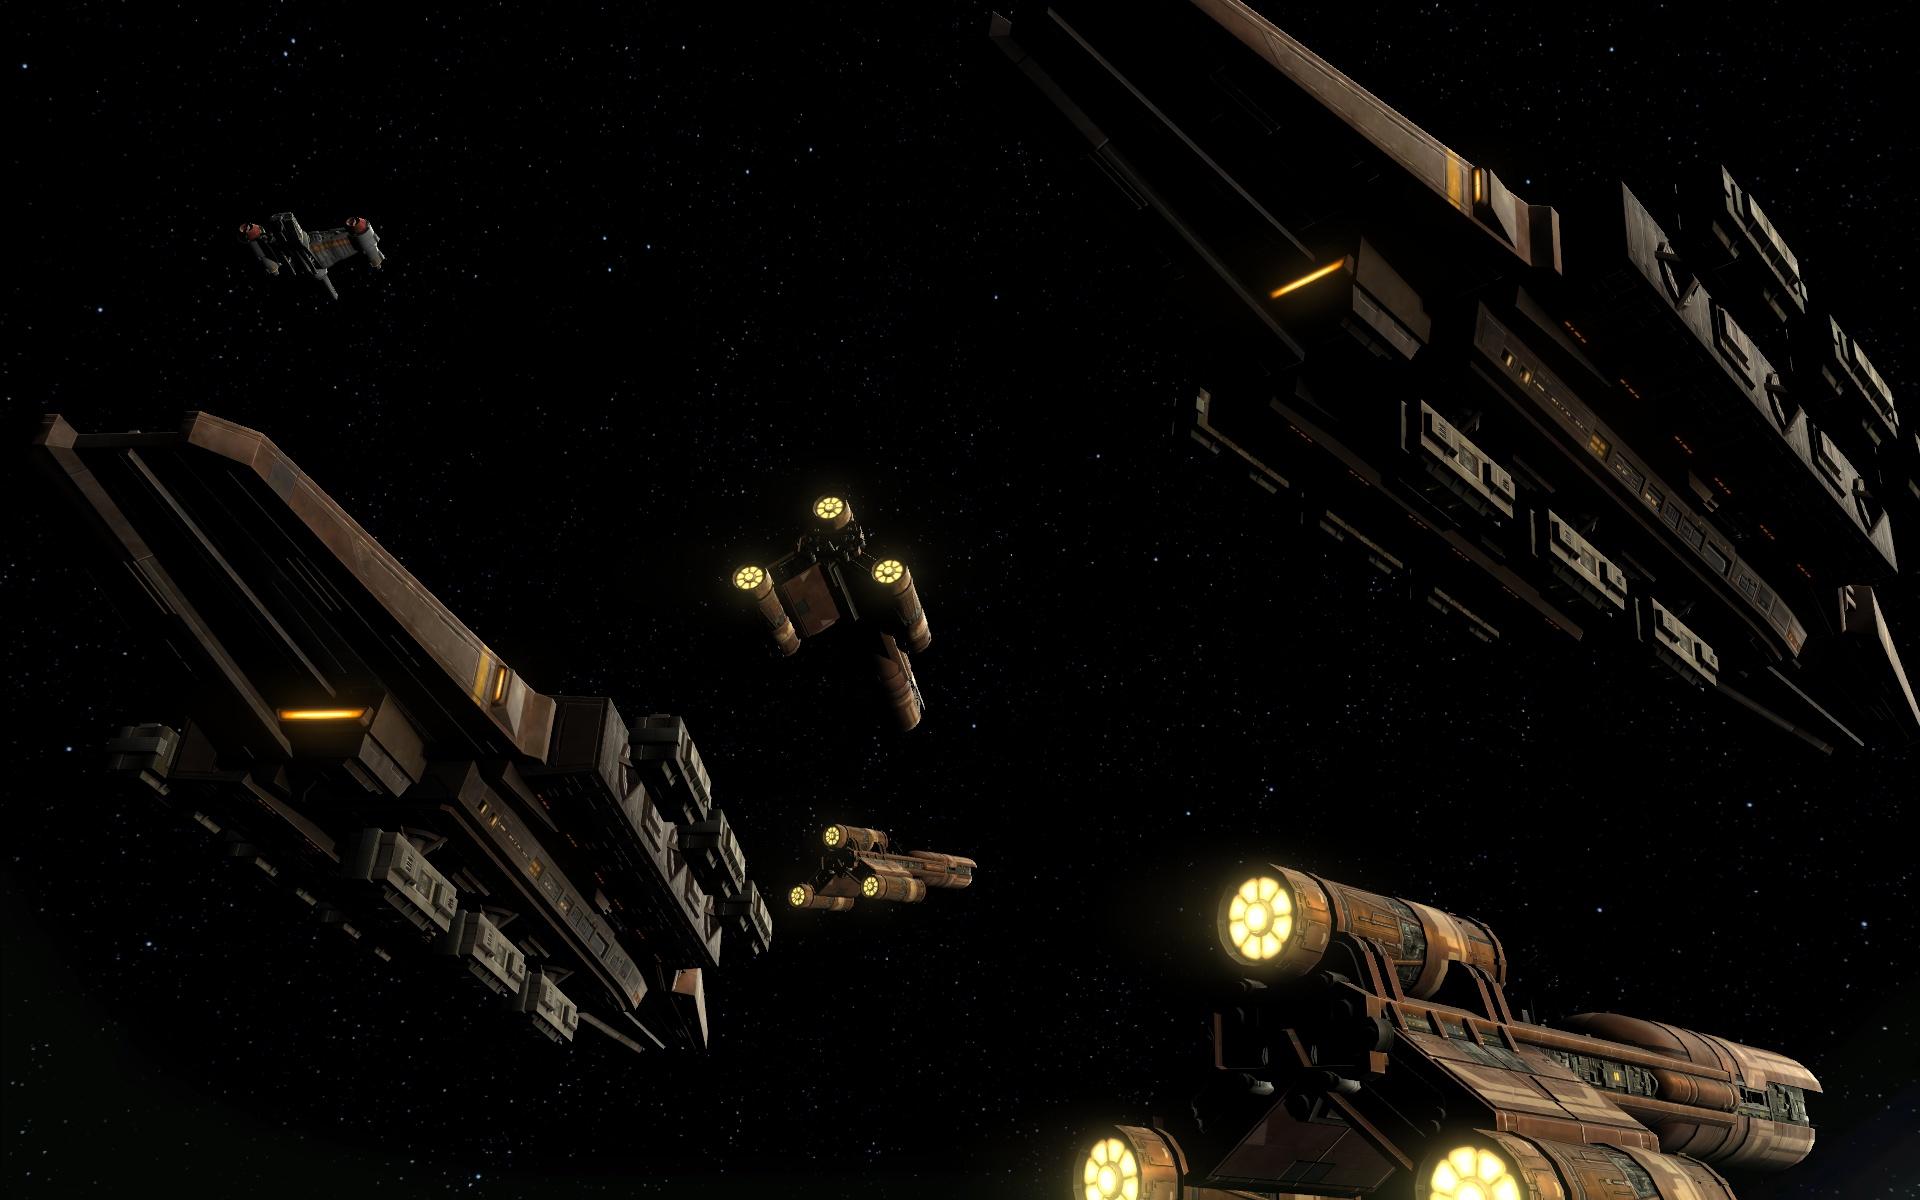 Voidwolf's personal strike fleet